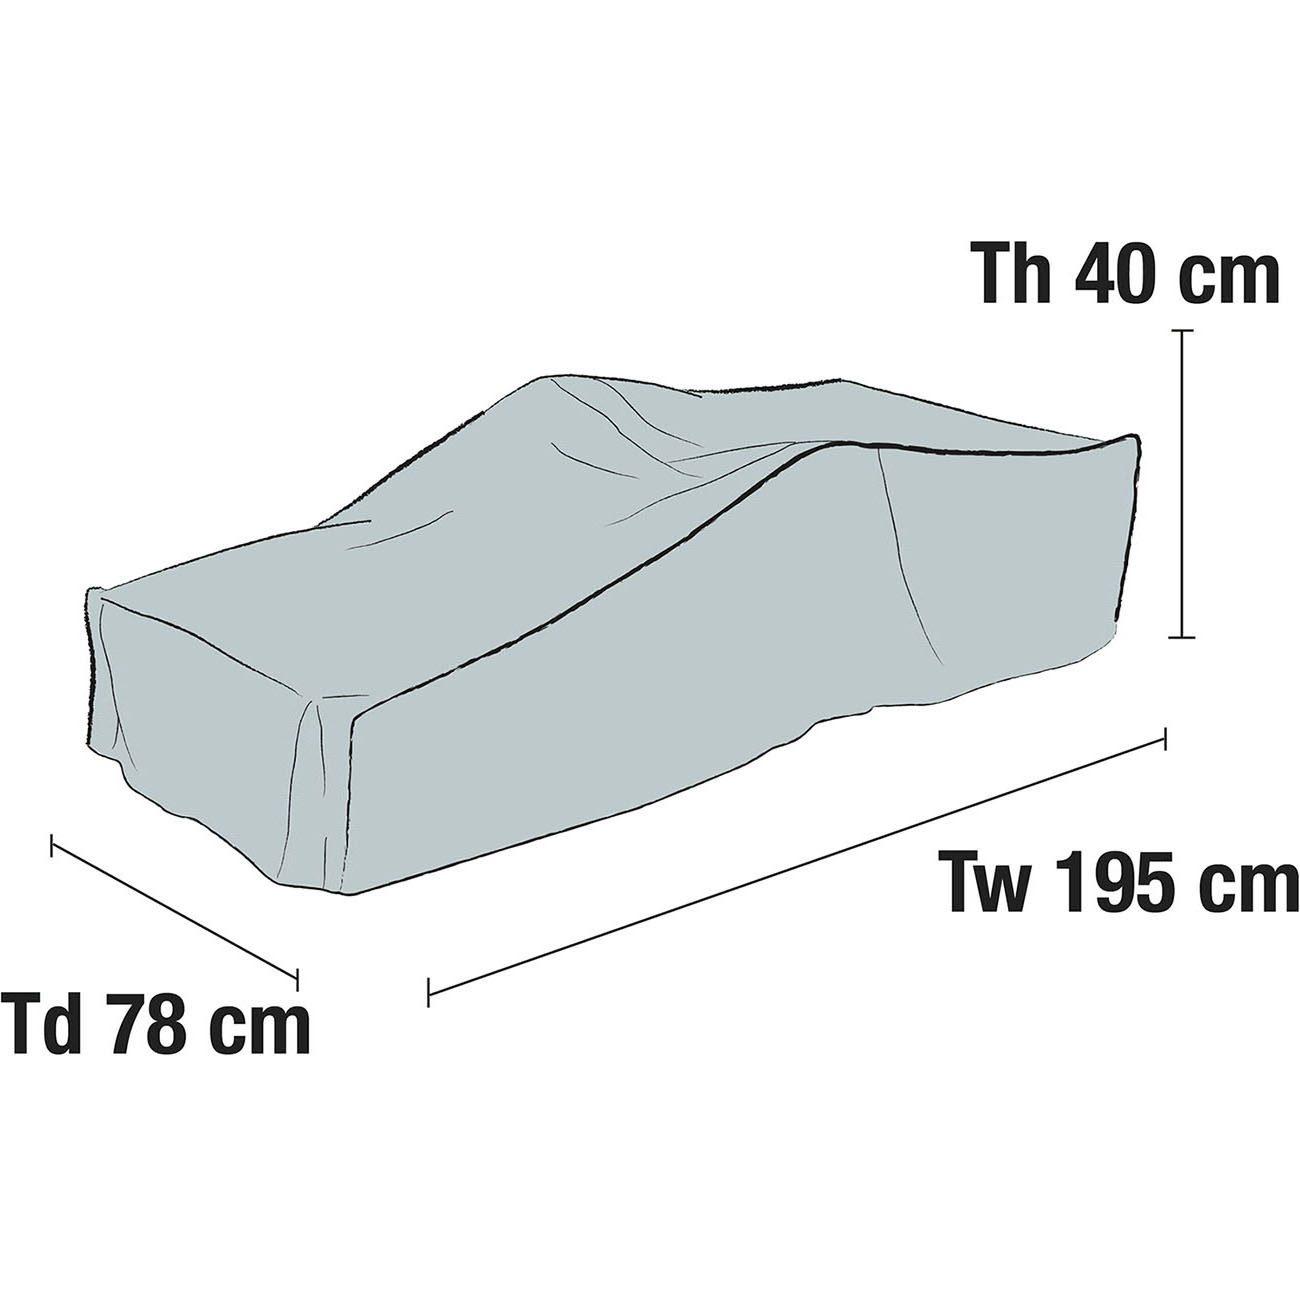 Skiss på möbelskydd 1032-7 från Brafab.